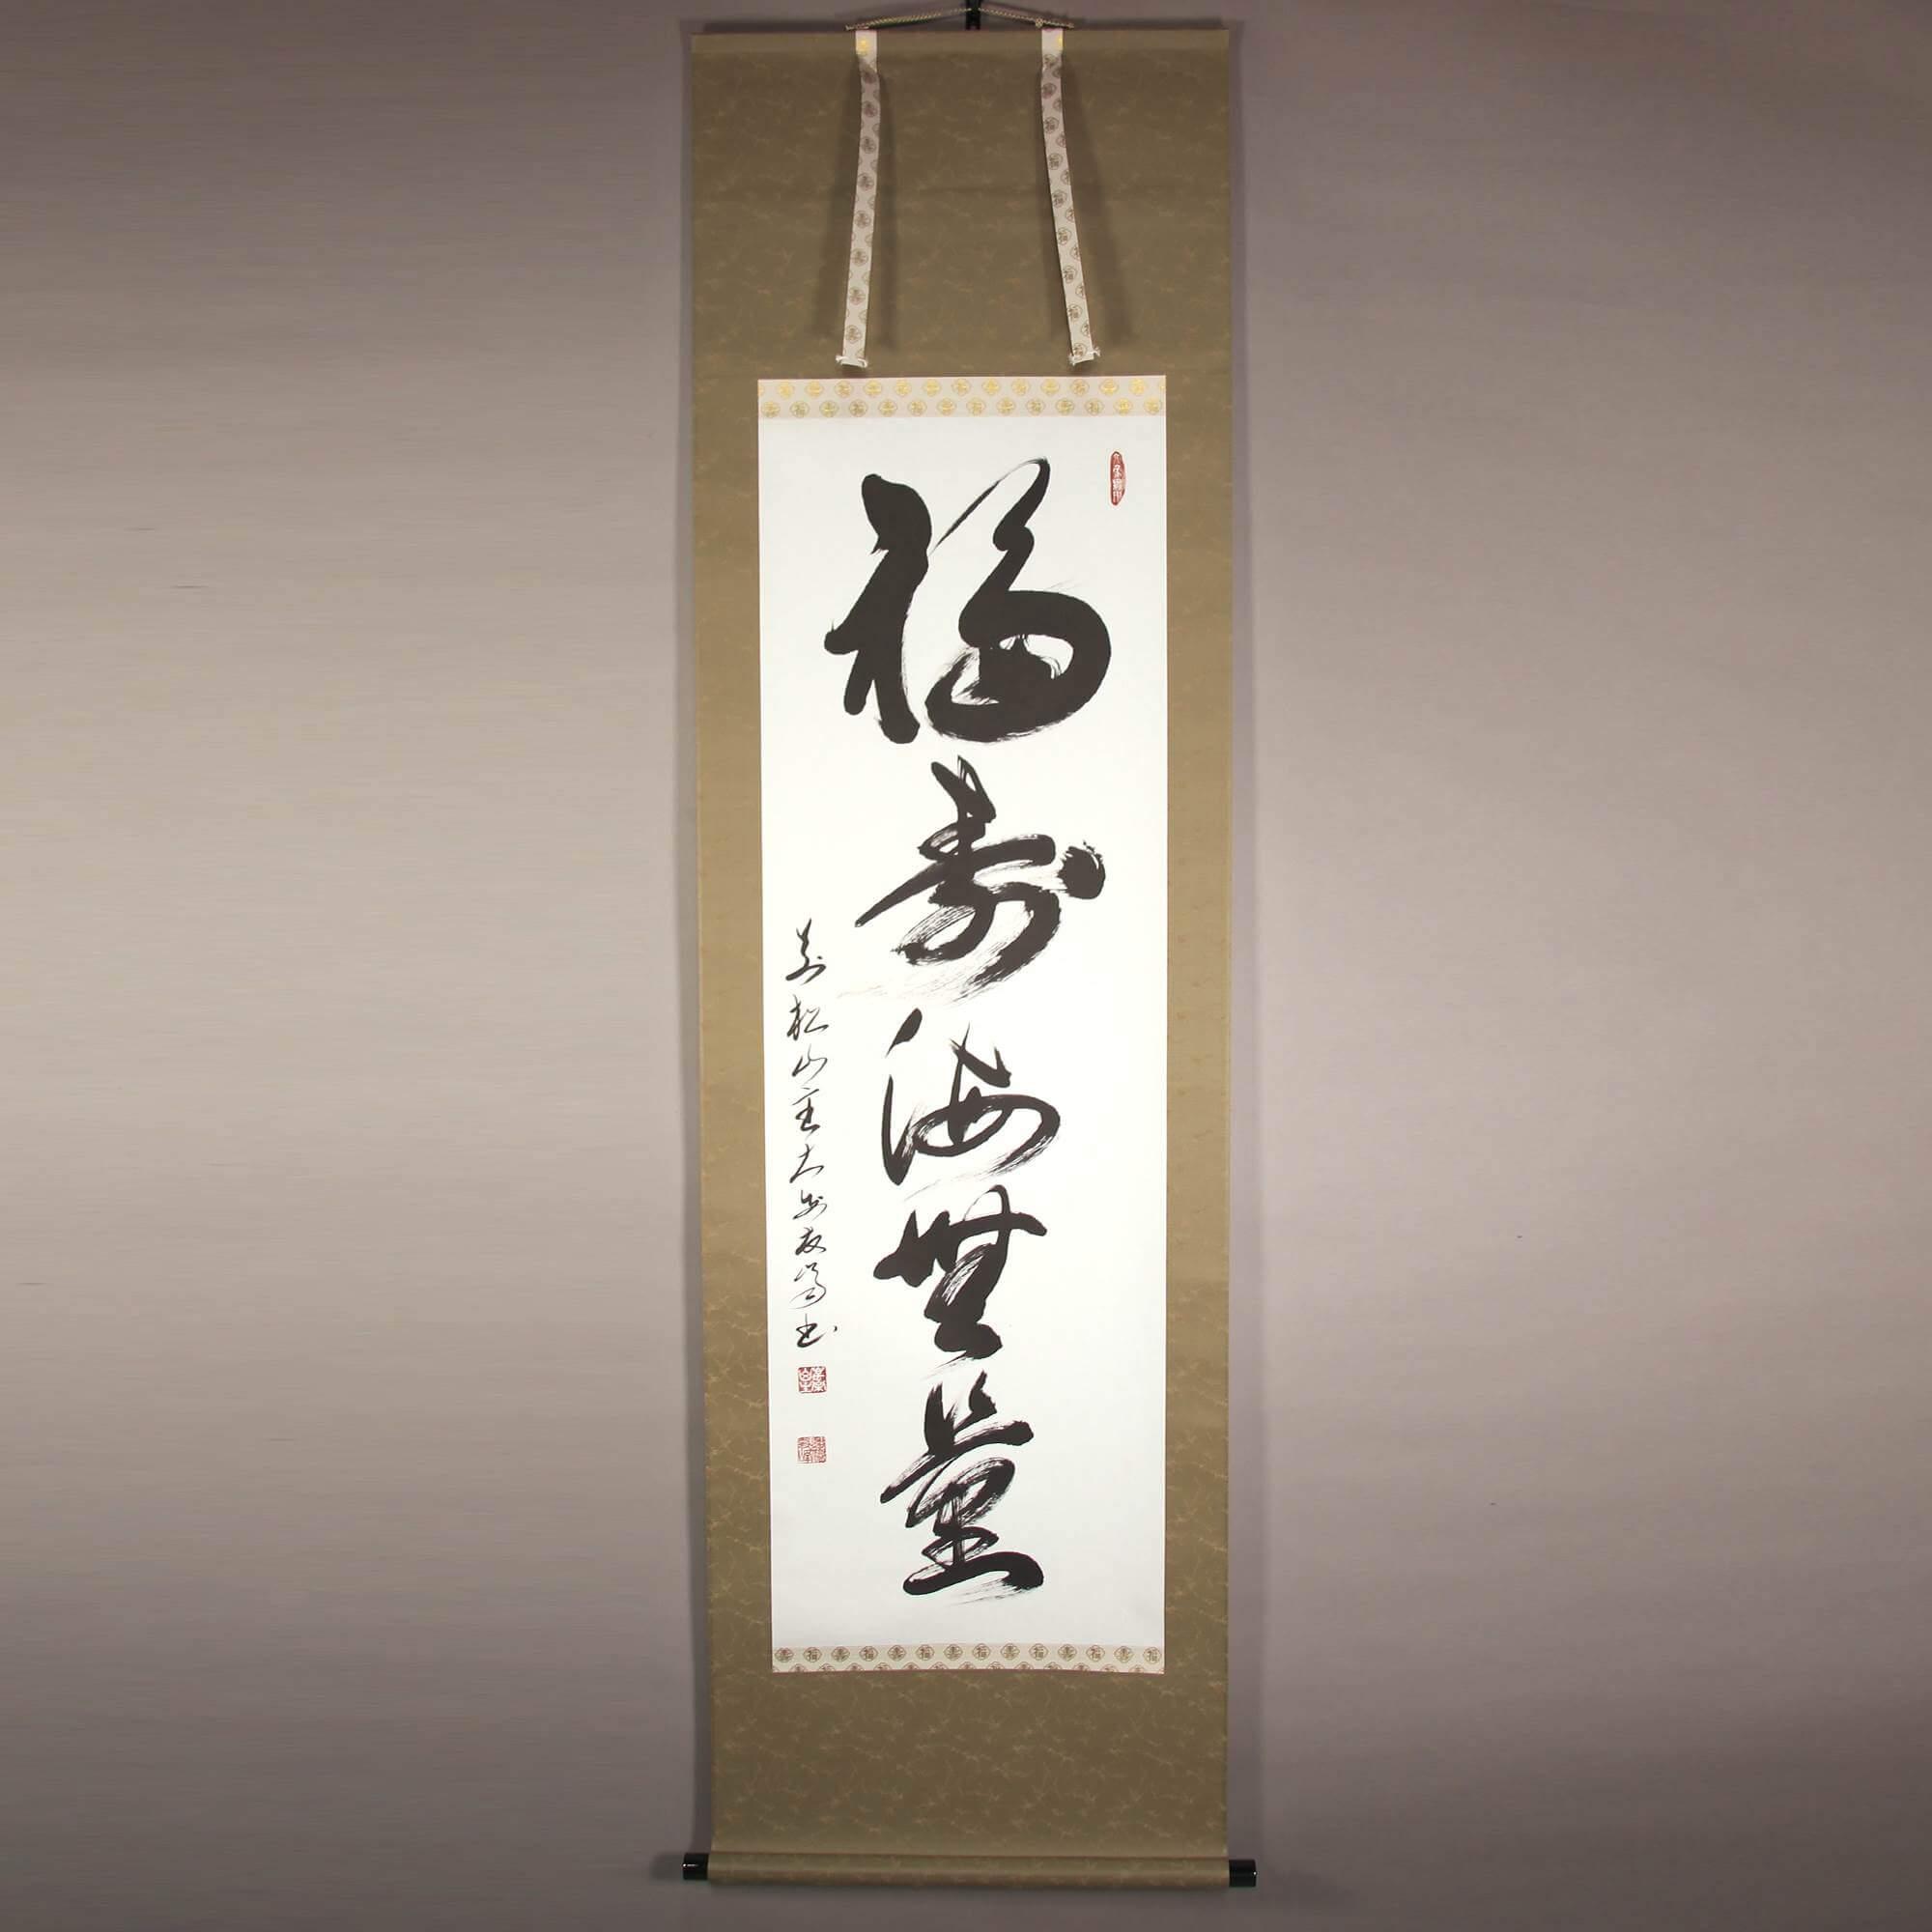 Fukuju-kai-muryou / Yuuhou Takahashi